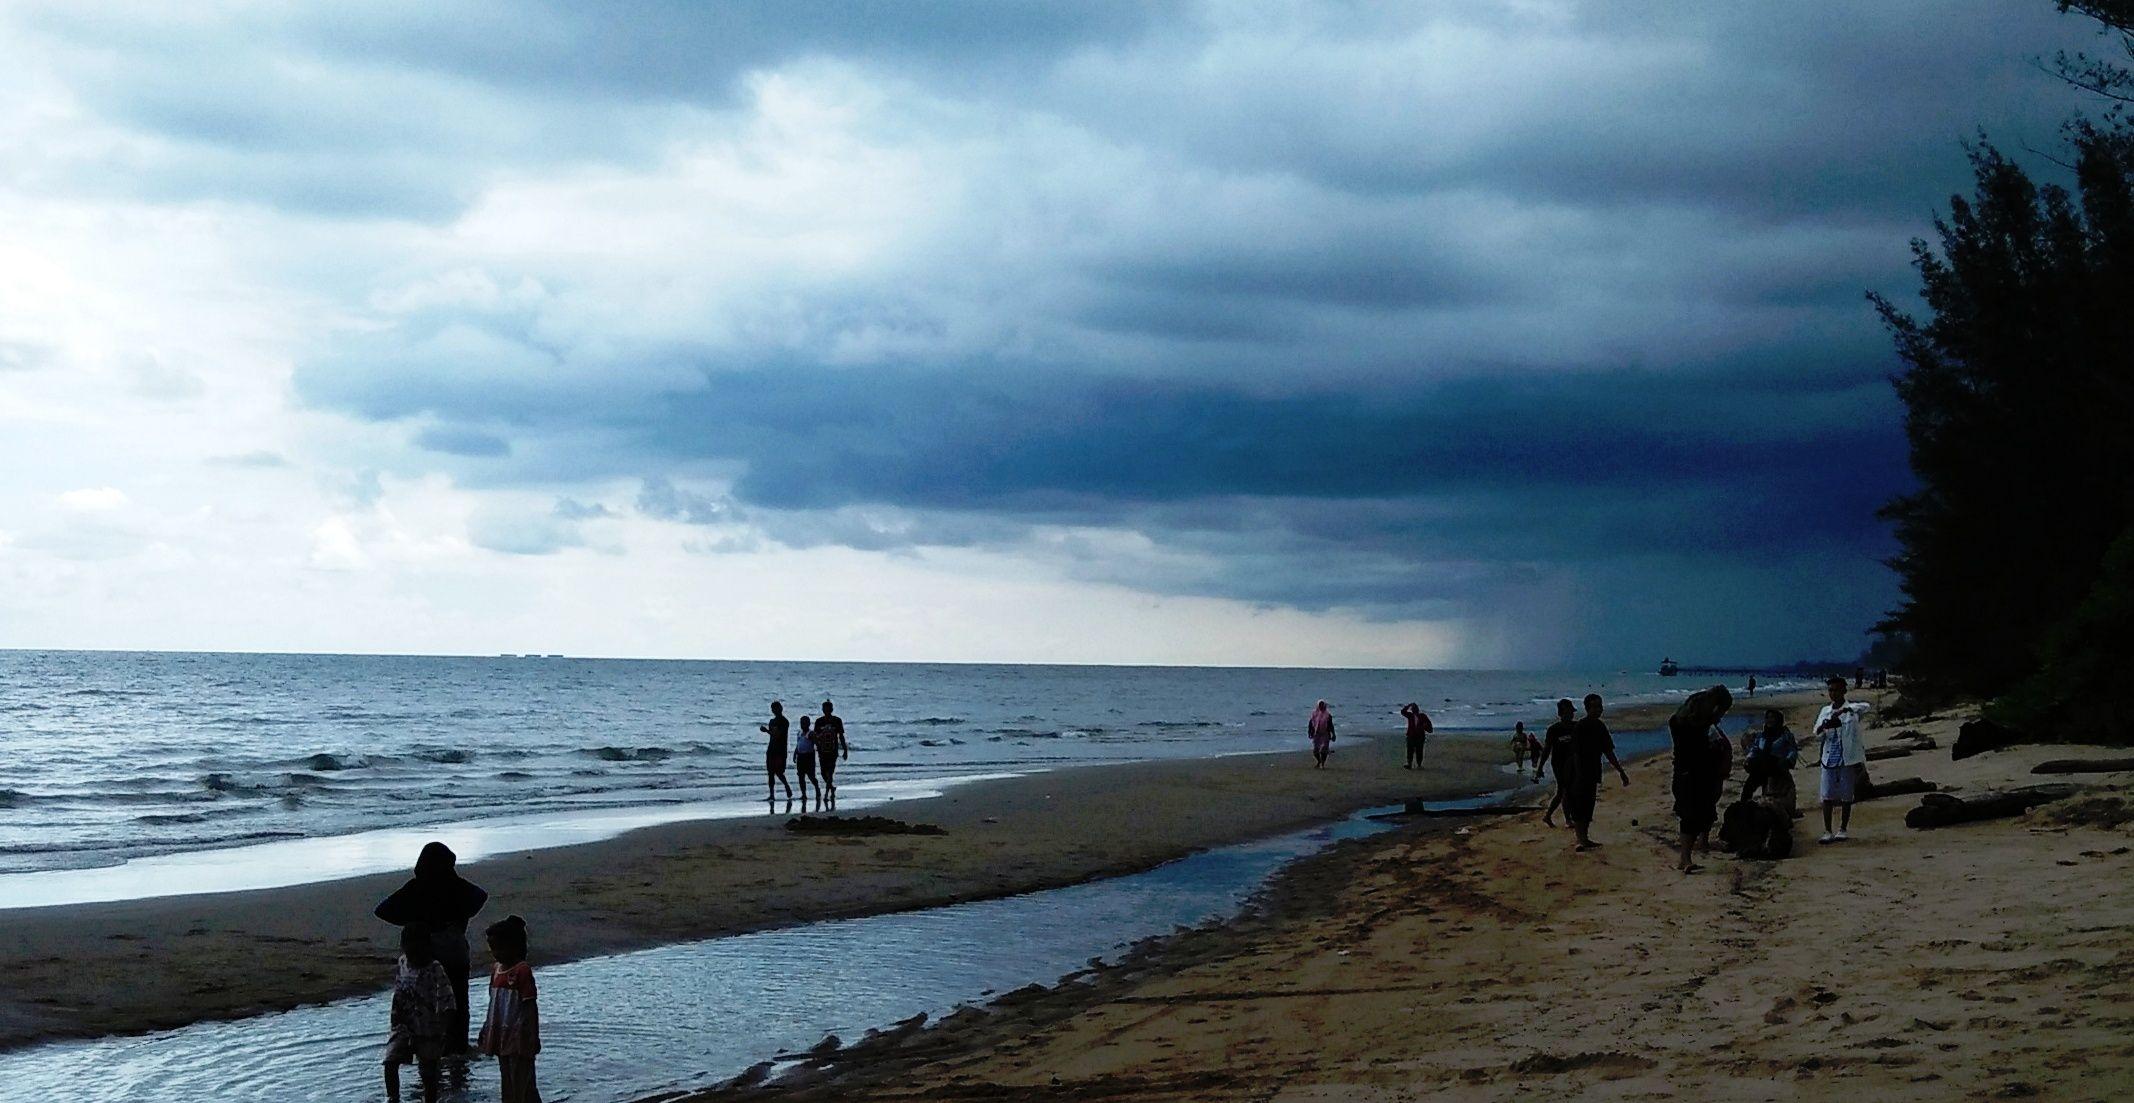 Pantai Asmara, Pantai Romantis Penuh Pesona - Kompasiana.com